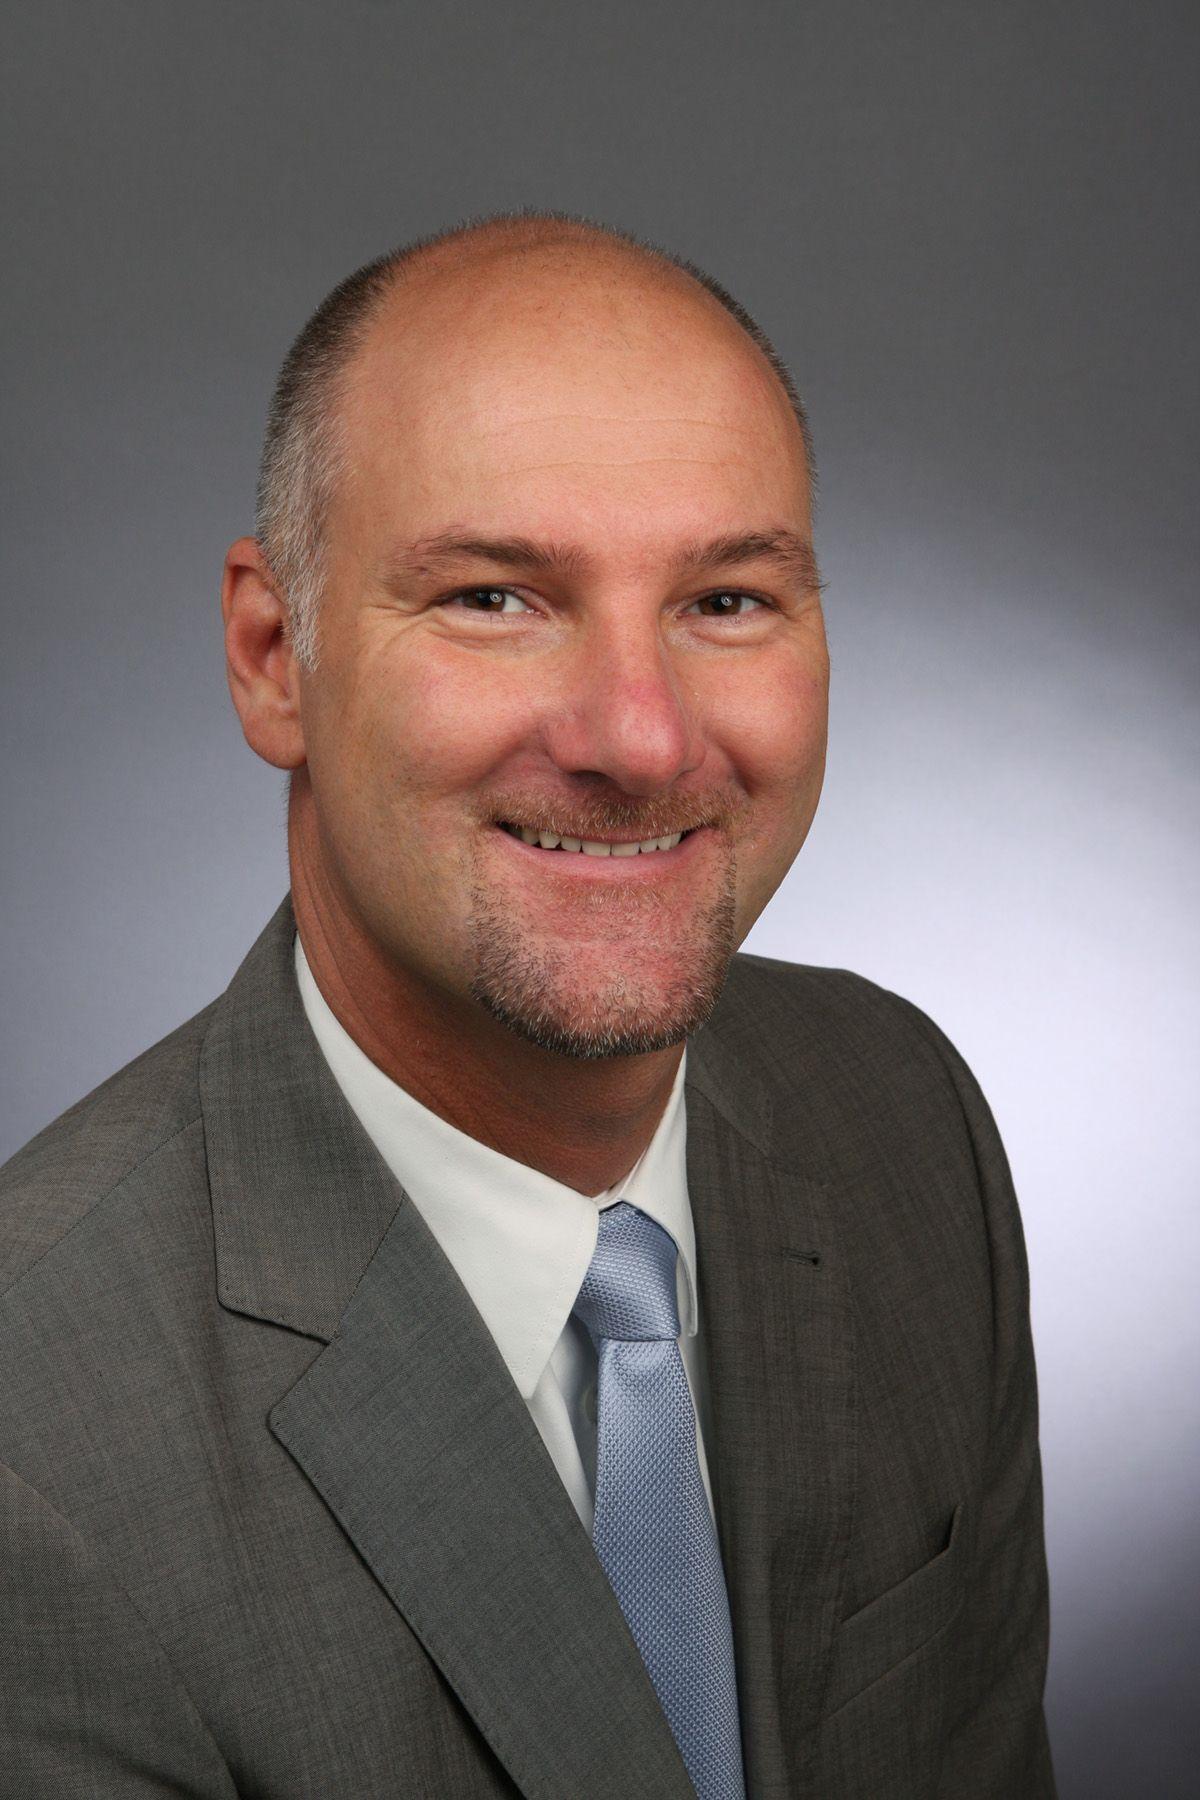 Frank Zedler, Experte auf dem Gebiet künstlicher Intelligenz bei Fujitsu